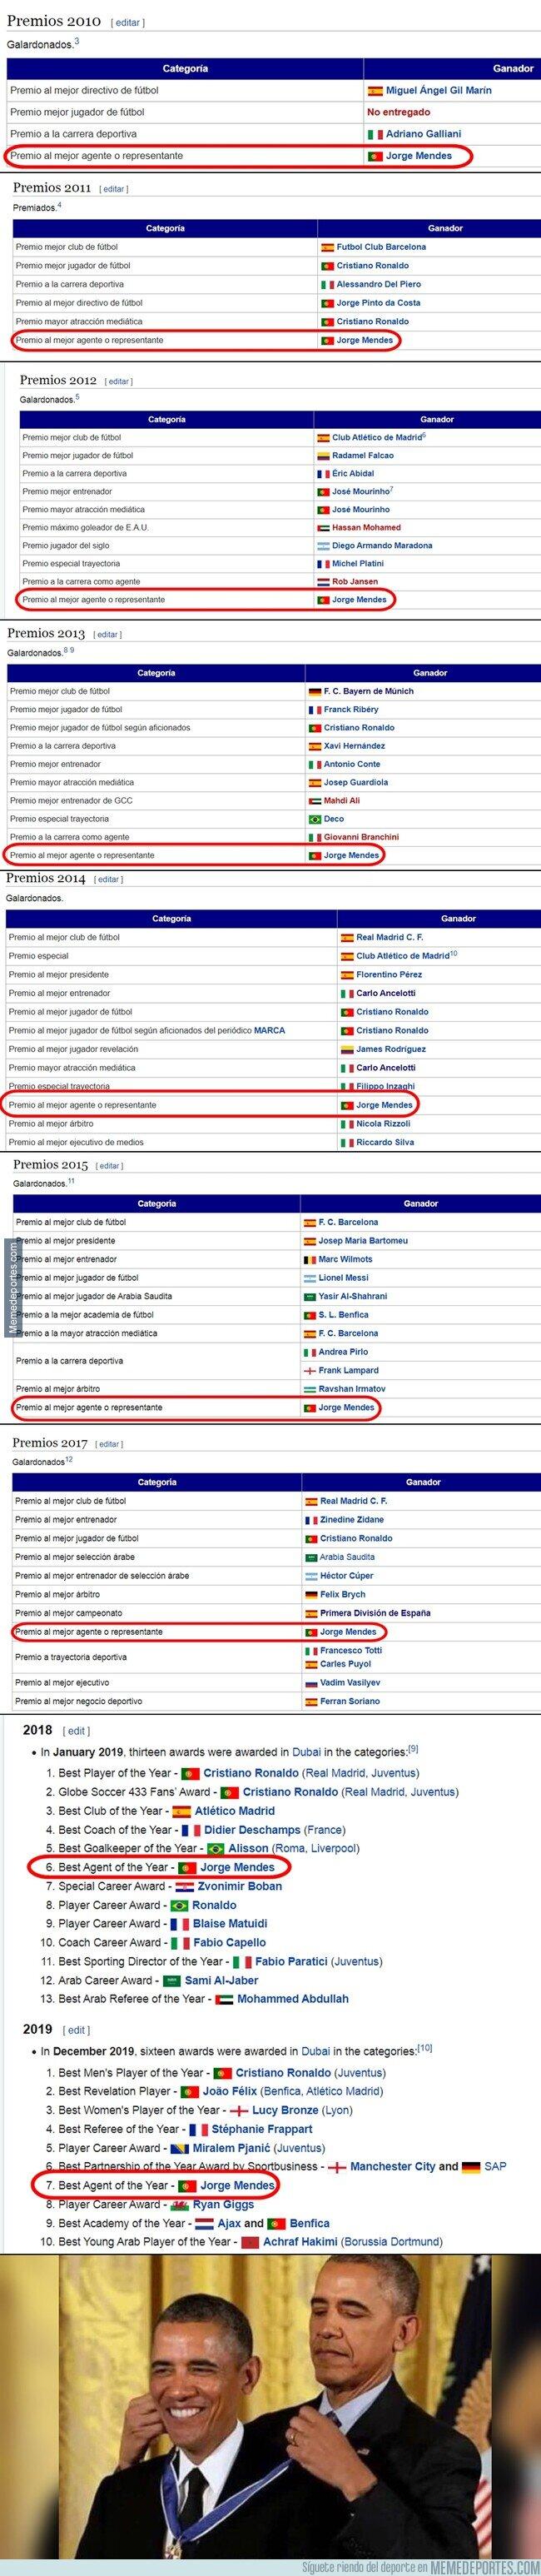 1105105 - La farsa de los Globe Soccer resumidos de esta forma. Una producción de Jorge Mendes para Jorge Mendes y sus amiguitos